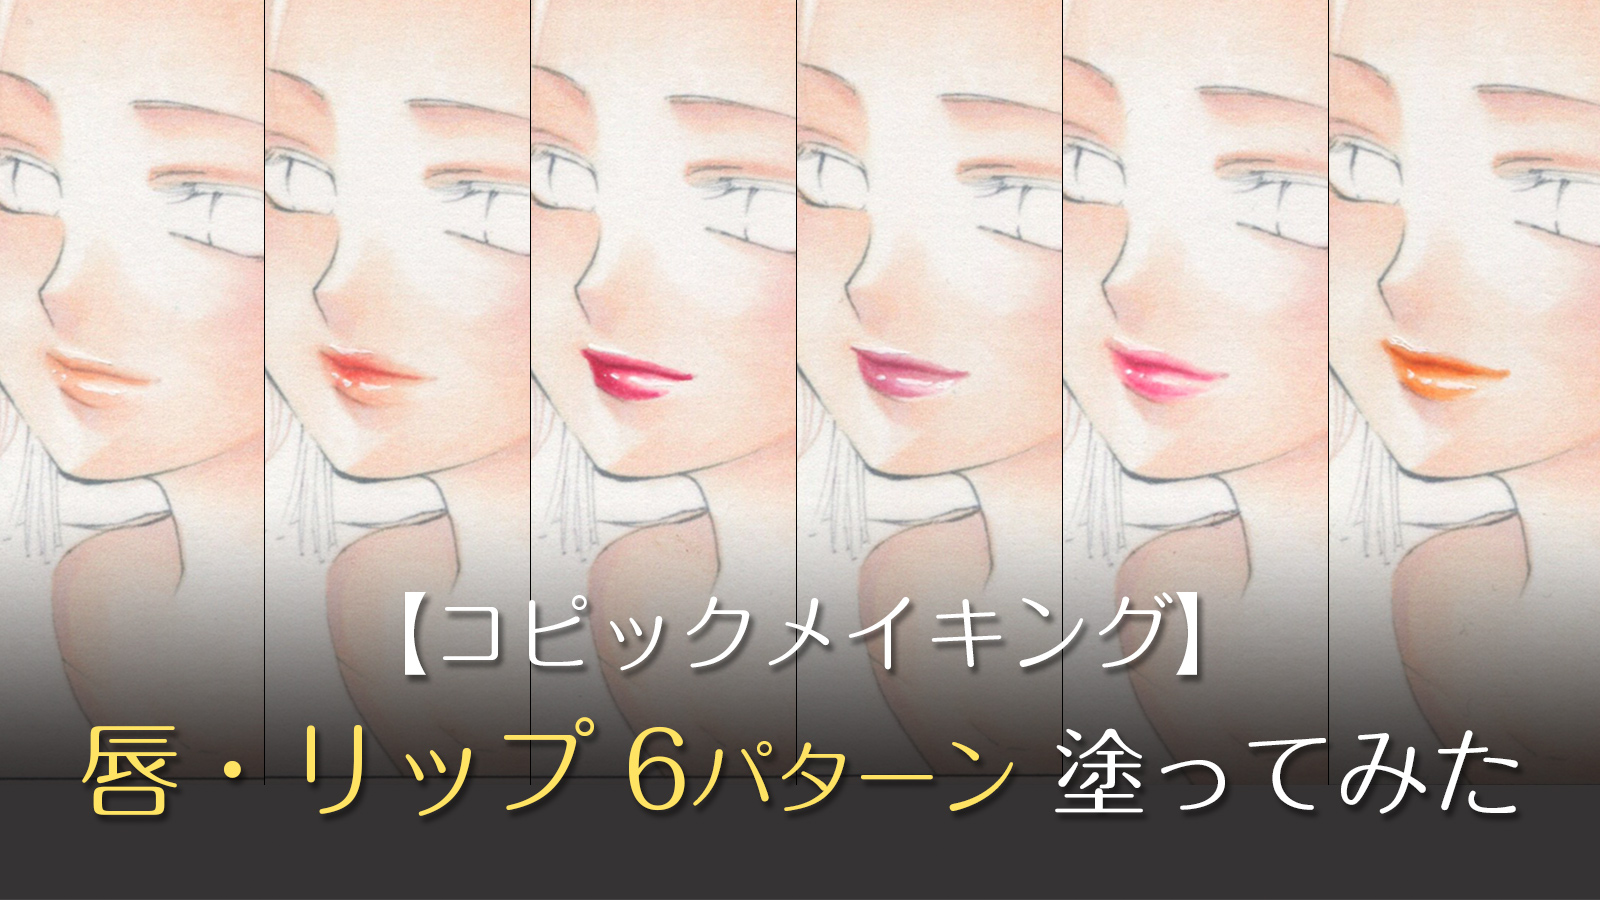 【コピック初心者向けメイキング】6種類のくちびる(リップ・口紅)塗ってみた